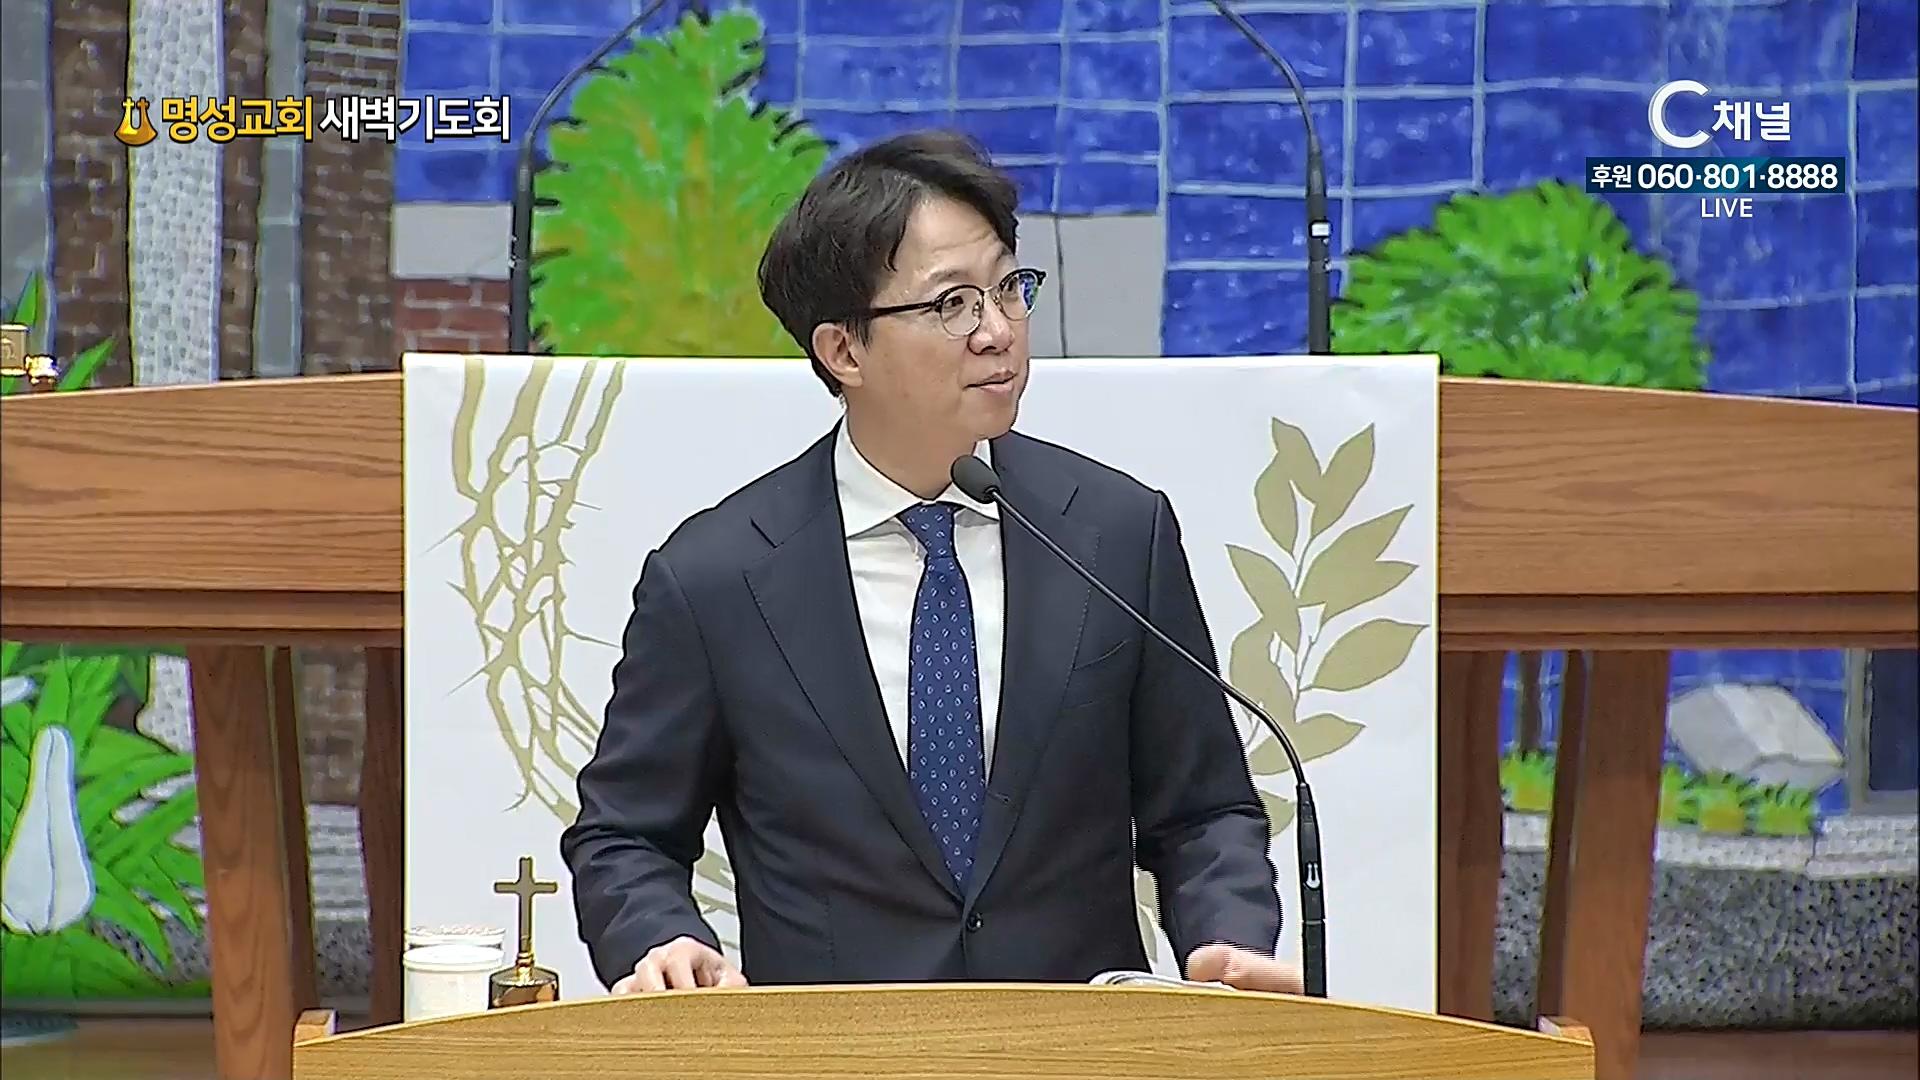 명성교회 새벽기도회 - 2021년 04월 21일